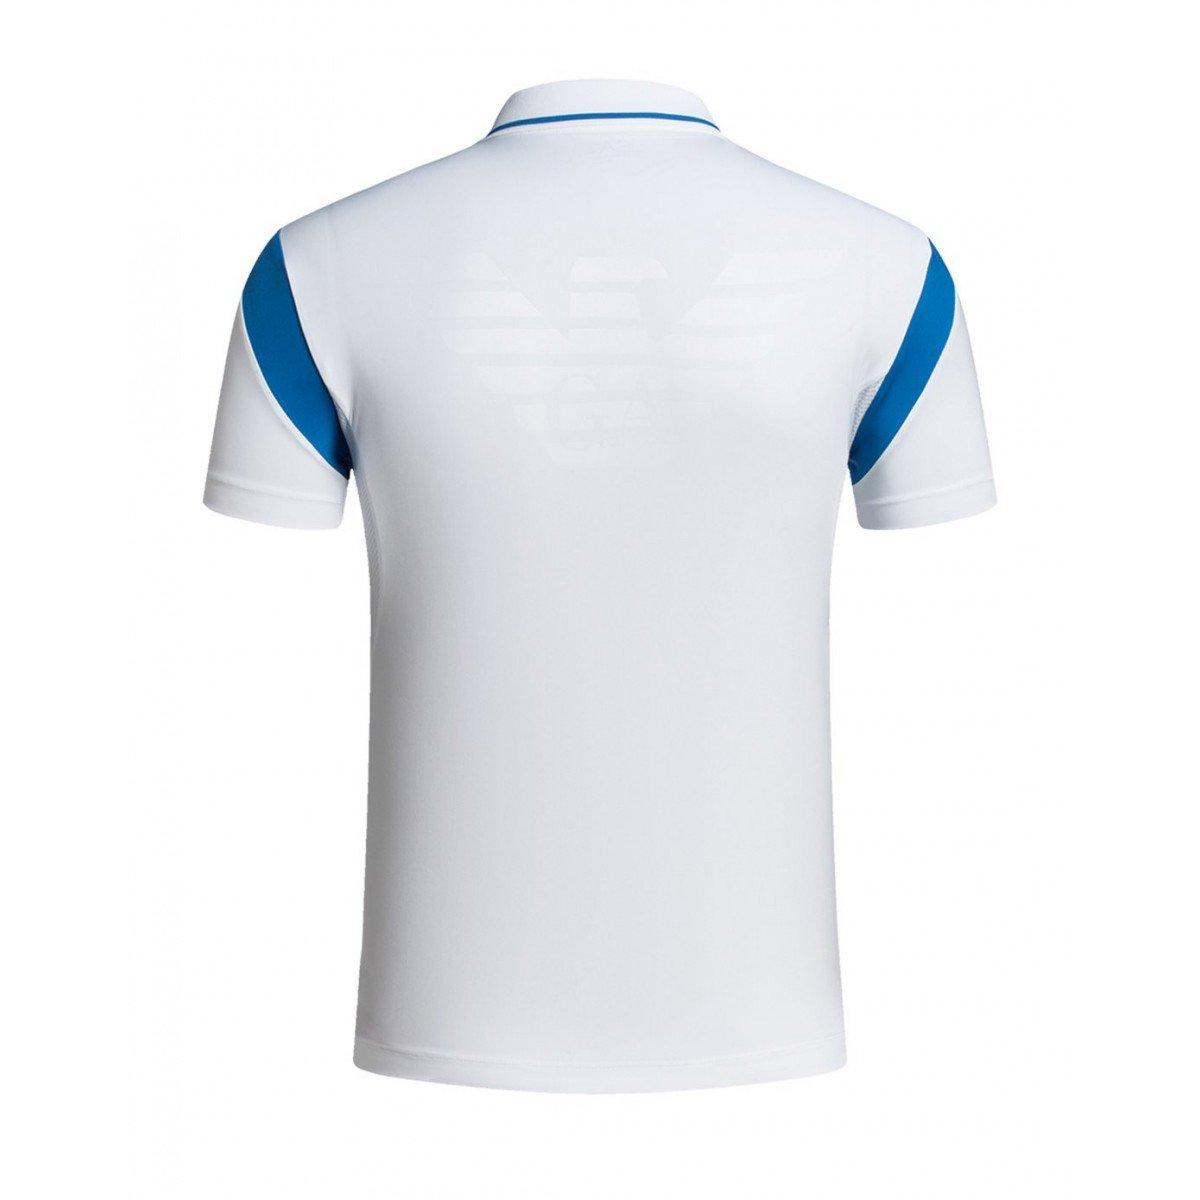 Emporio Armani - Polo - para Hombre Blanco XS: Amazon.es: Ropa y ...